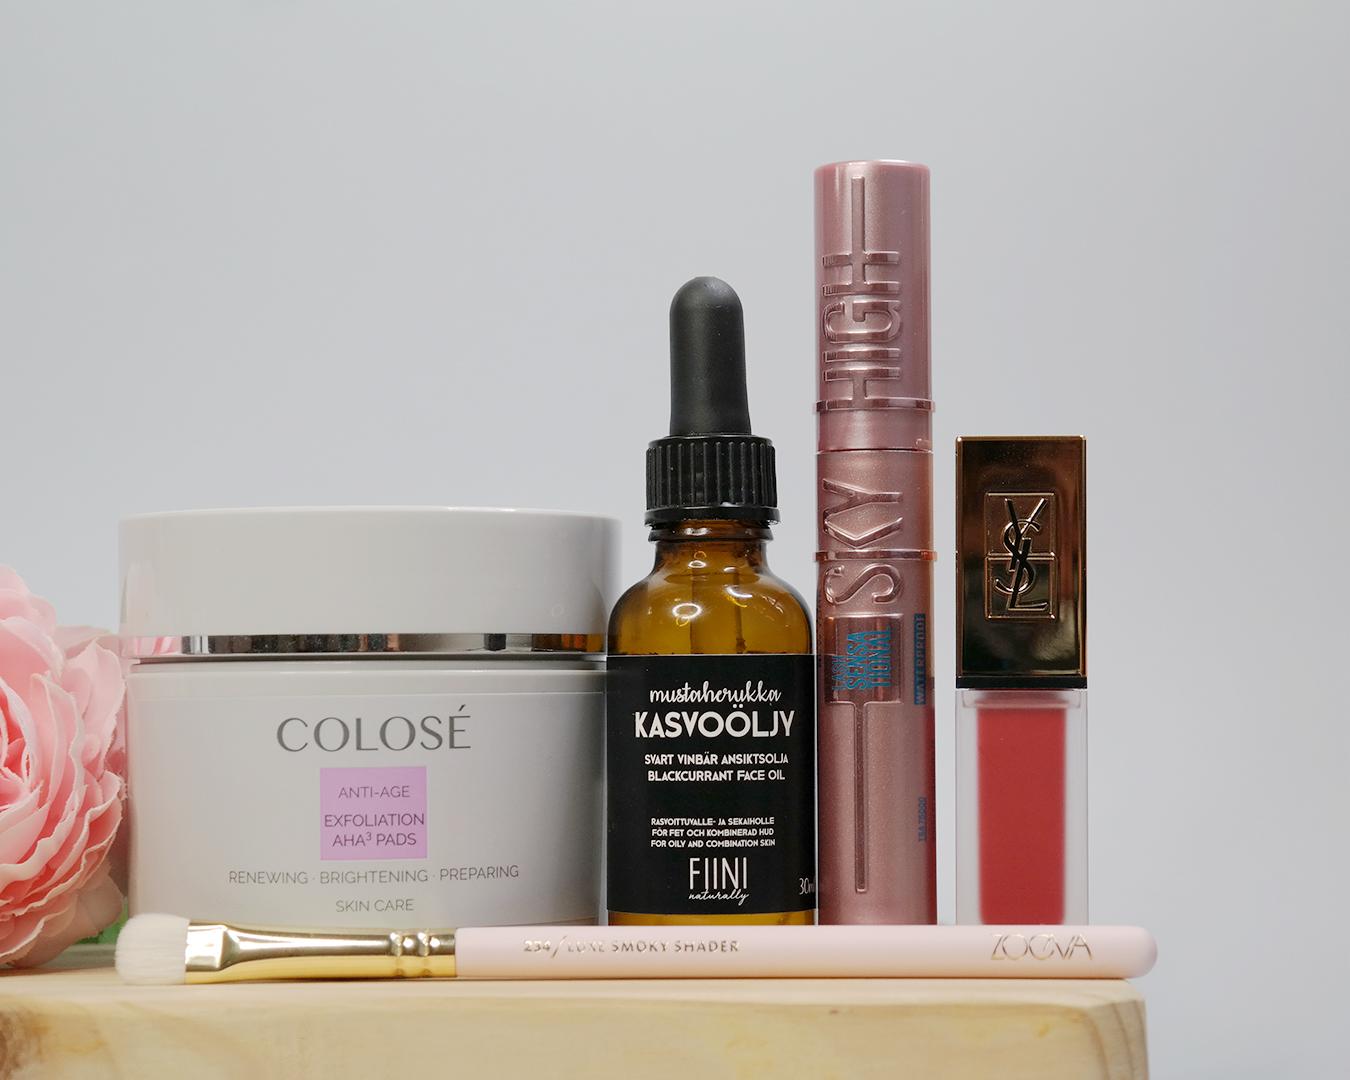 huhtikuun kosmetiikkasuosikit